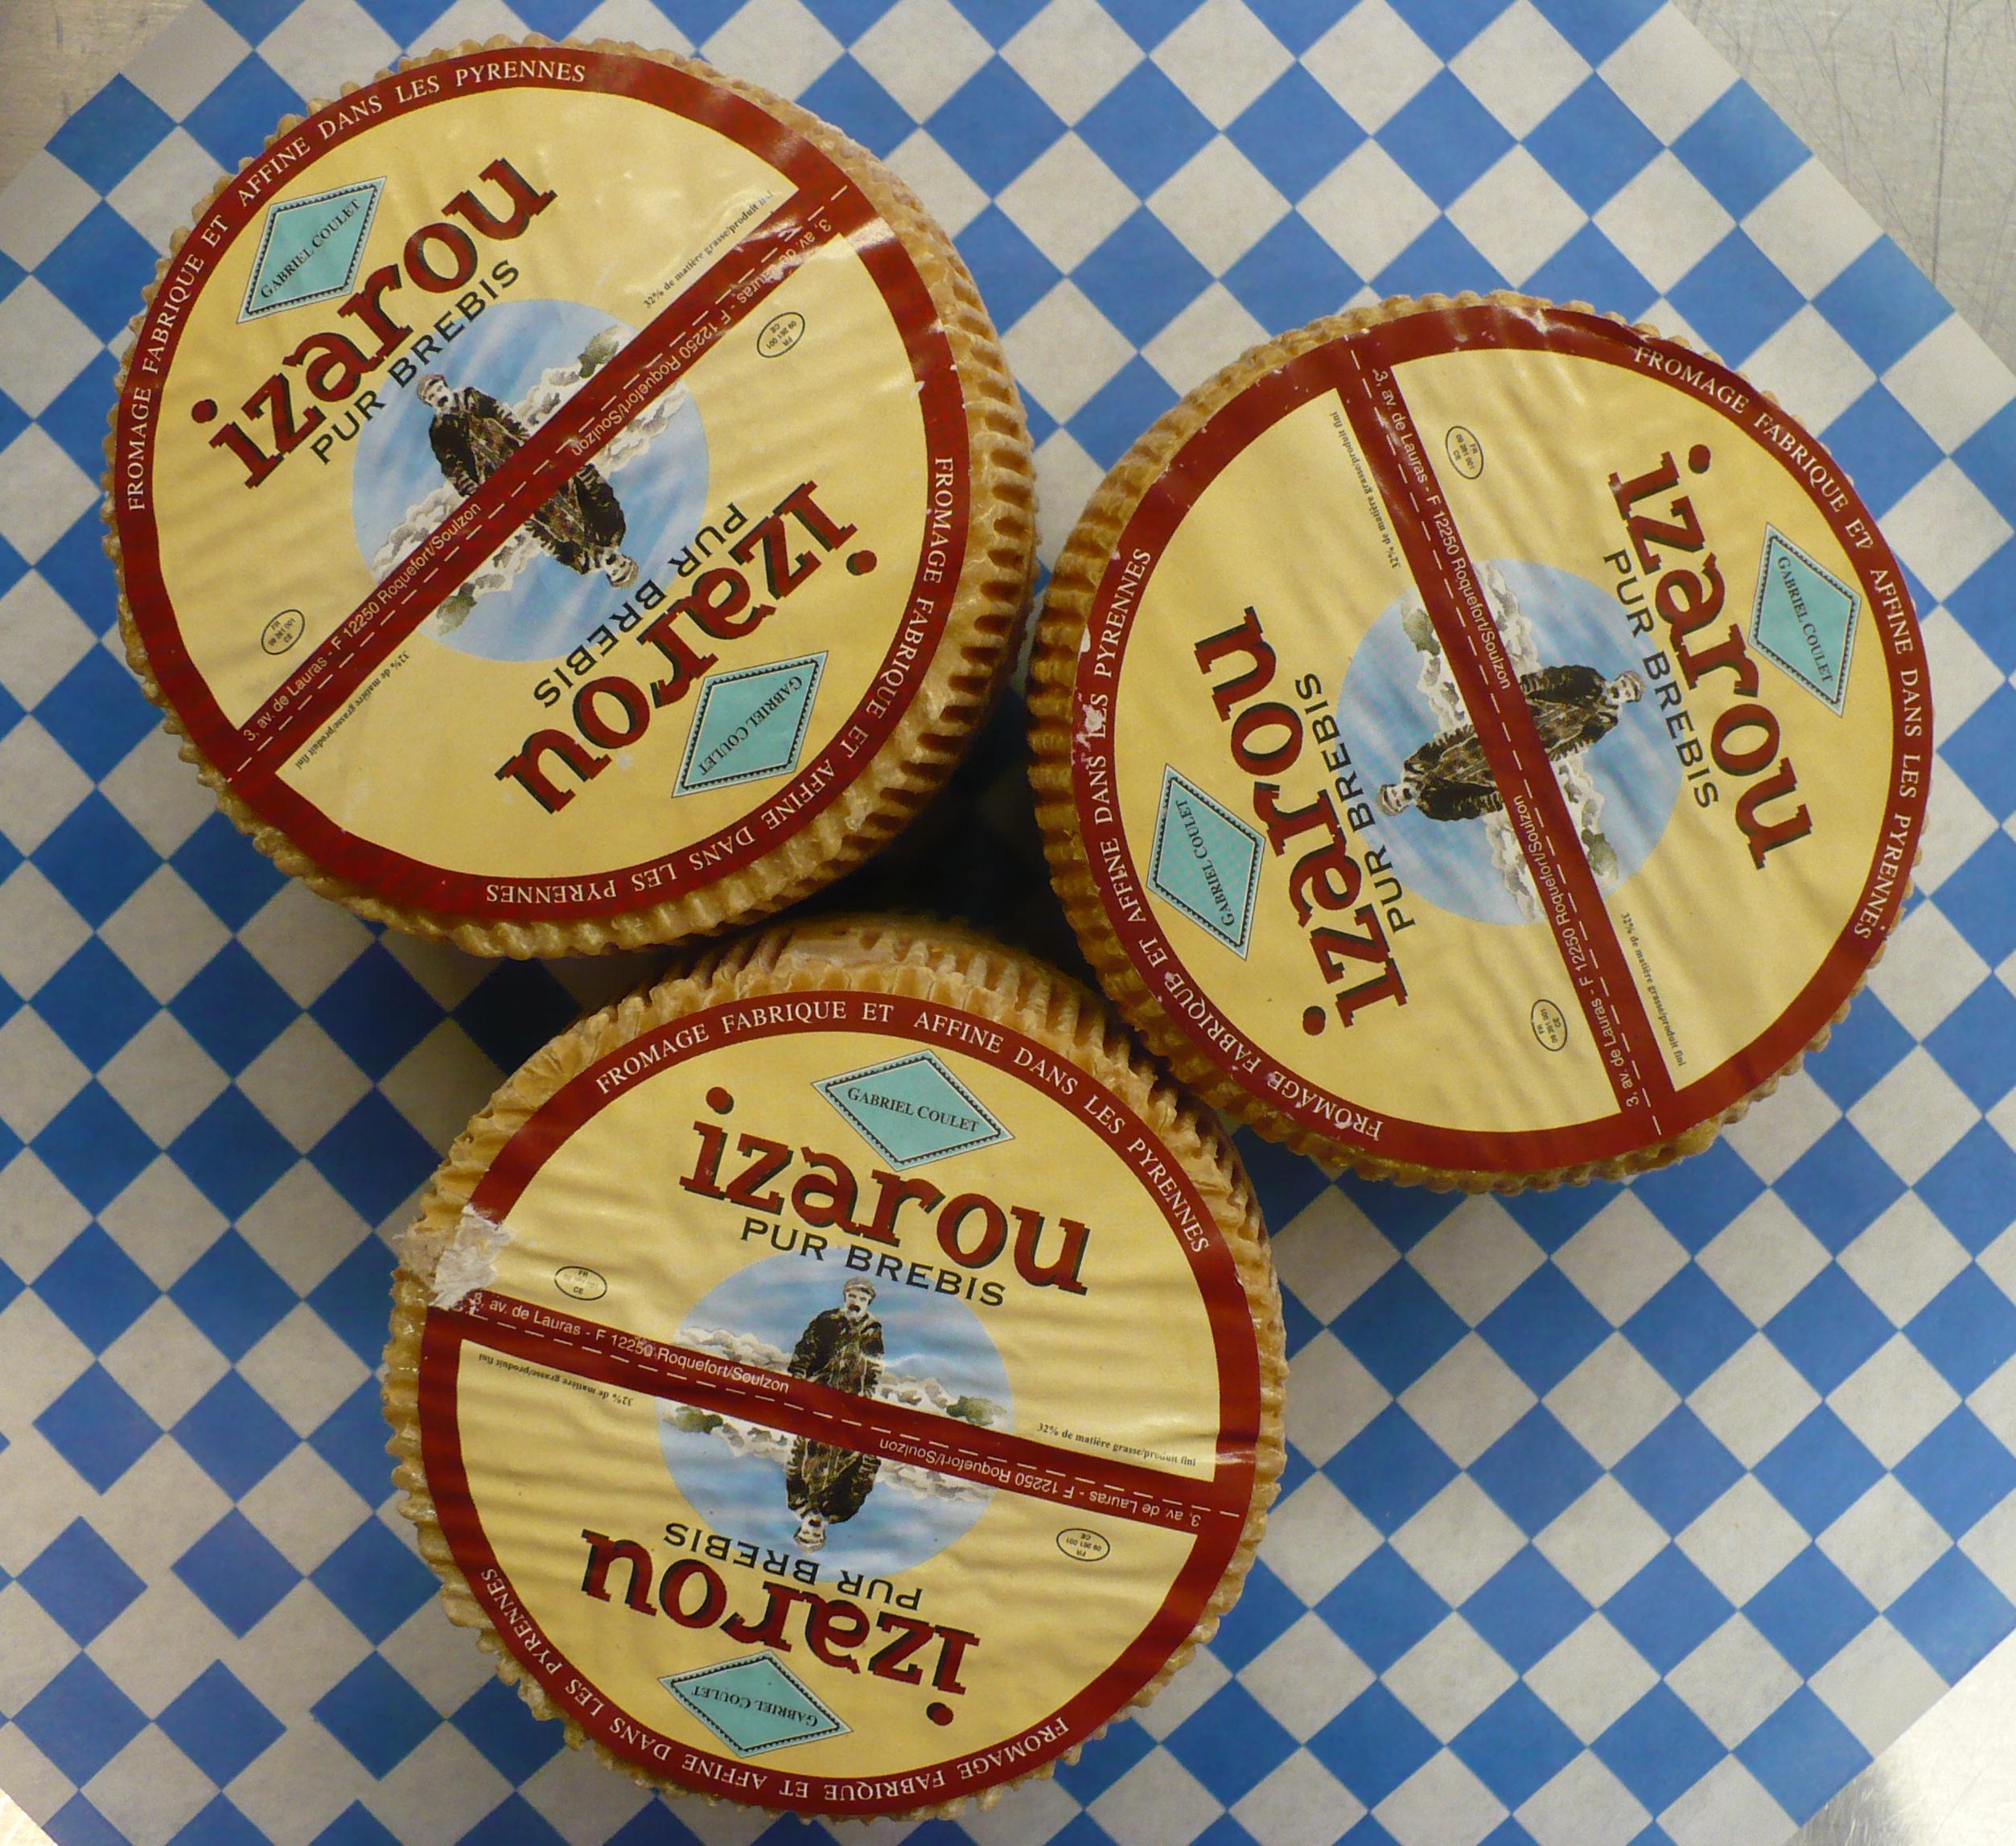 Paris Groce Paris Grocery In Seattle Paris Grocery In: Brique Agour «Paris Grocery In Seattle Paris Grocery In